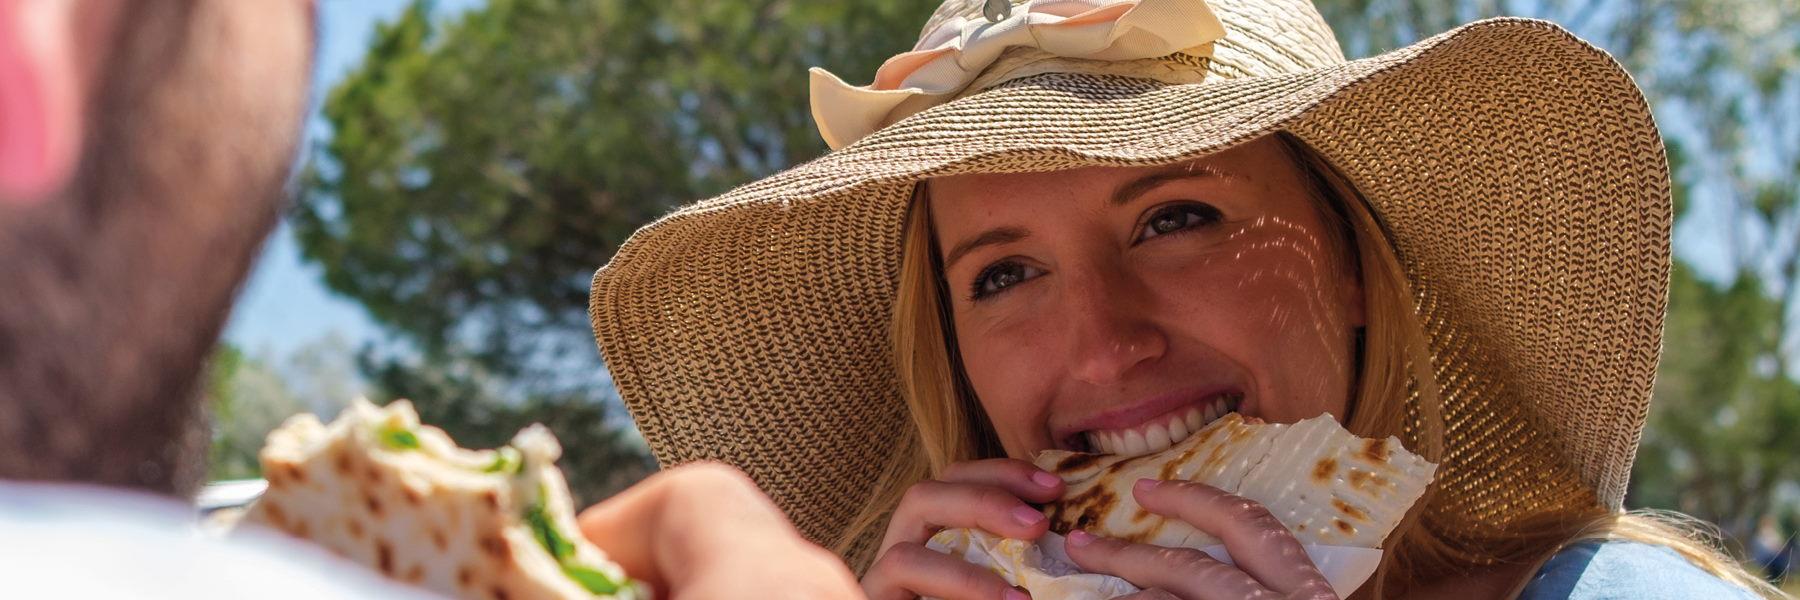 10 - La cucina romagnola EN